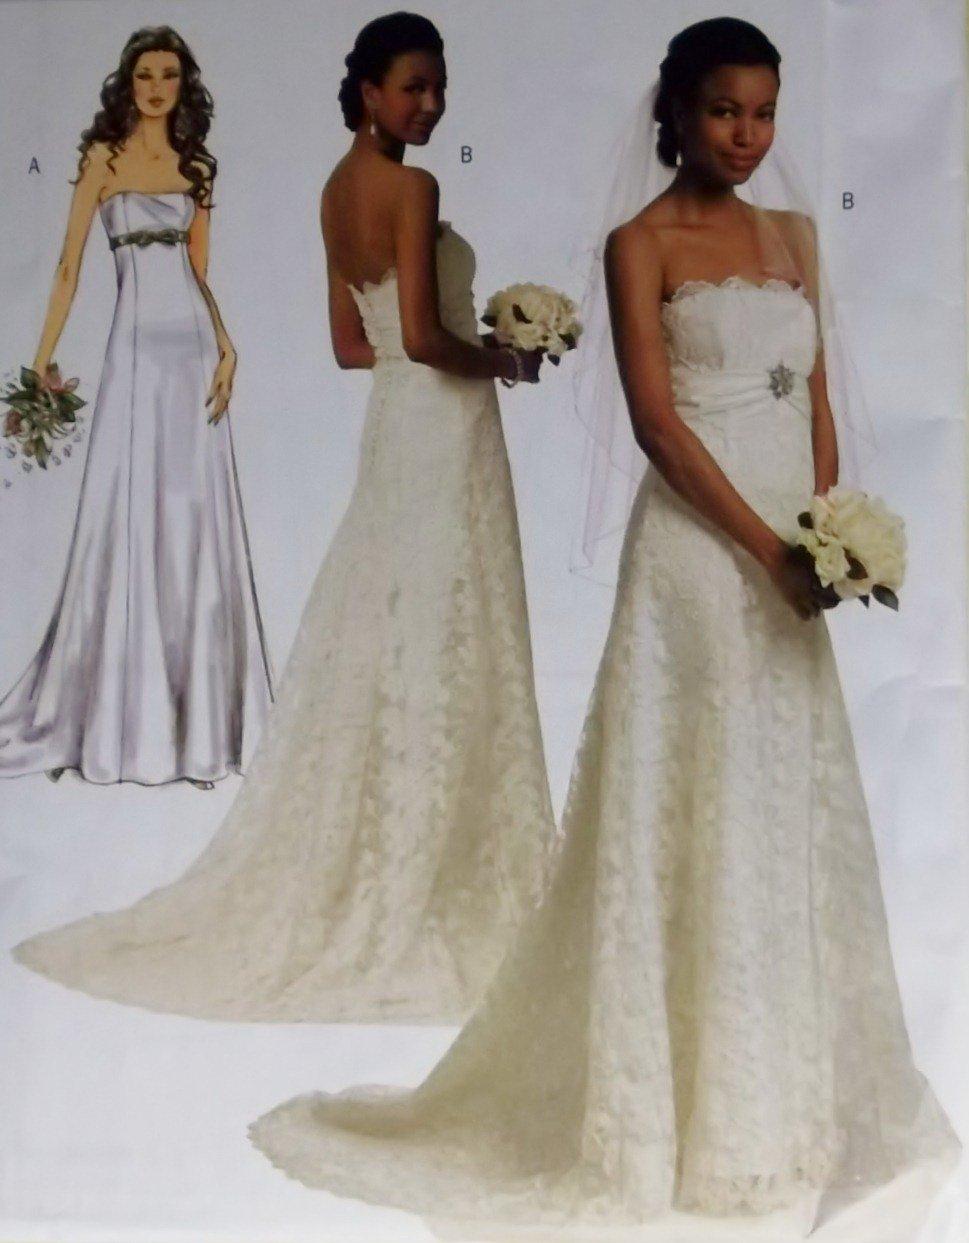 Butterick B 5325 Sewing Pattern, Misses' Bride Dress, Plus Size 14 16 18 20 22, UNCUT